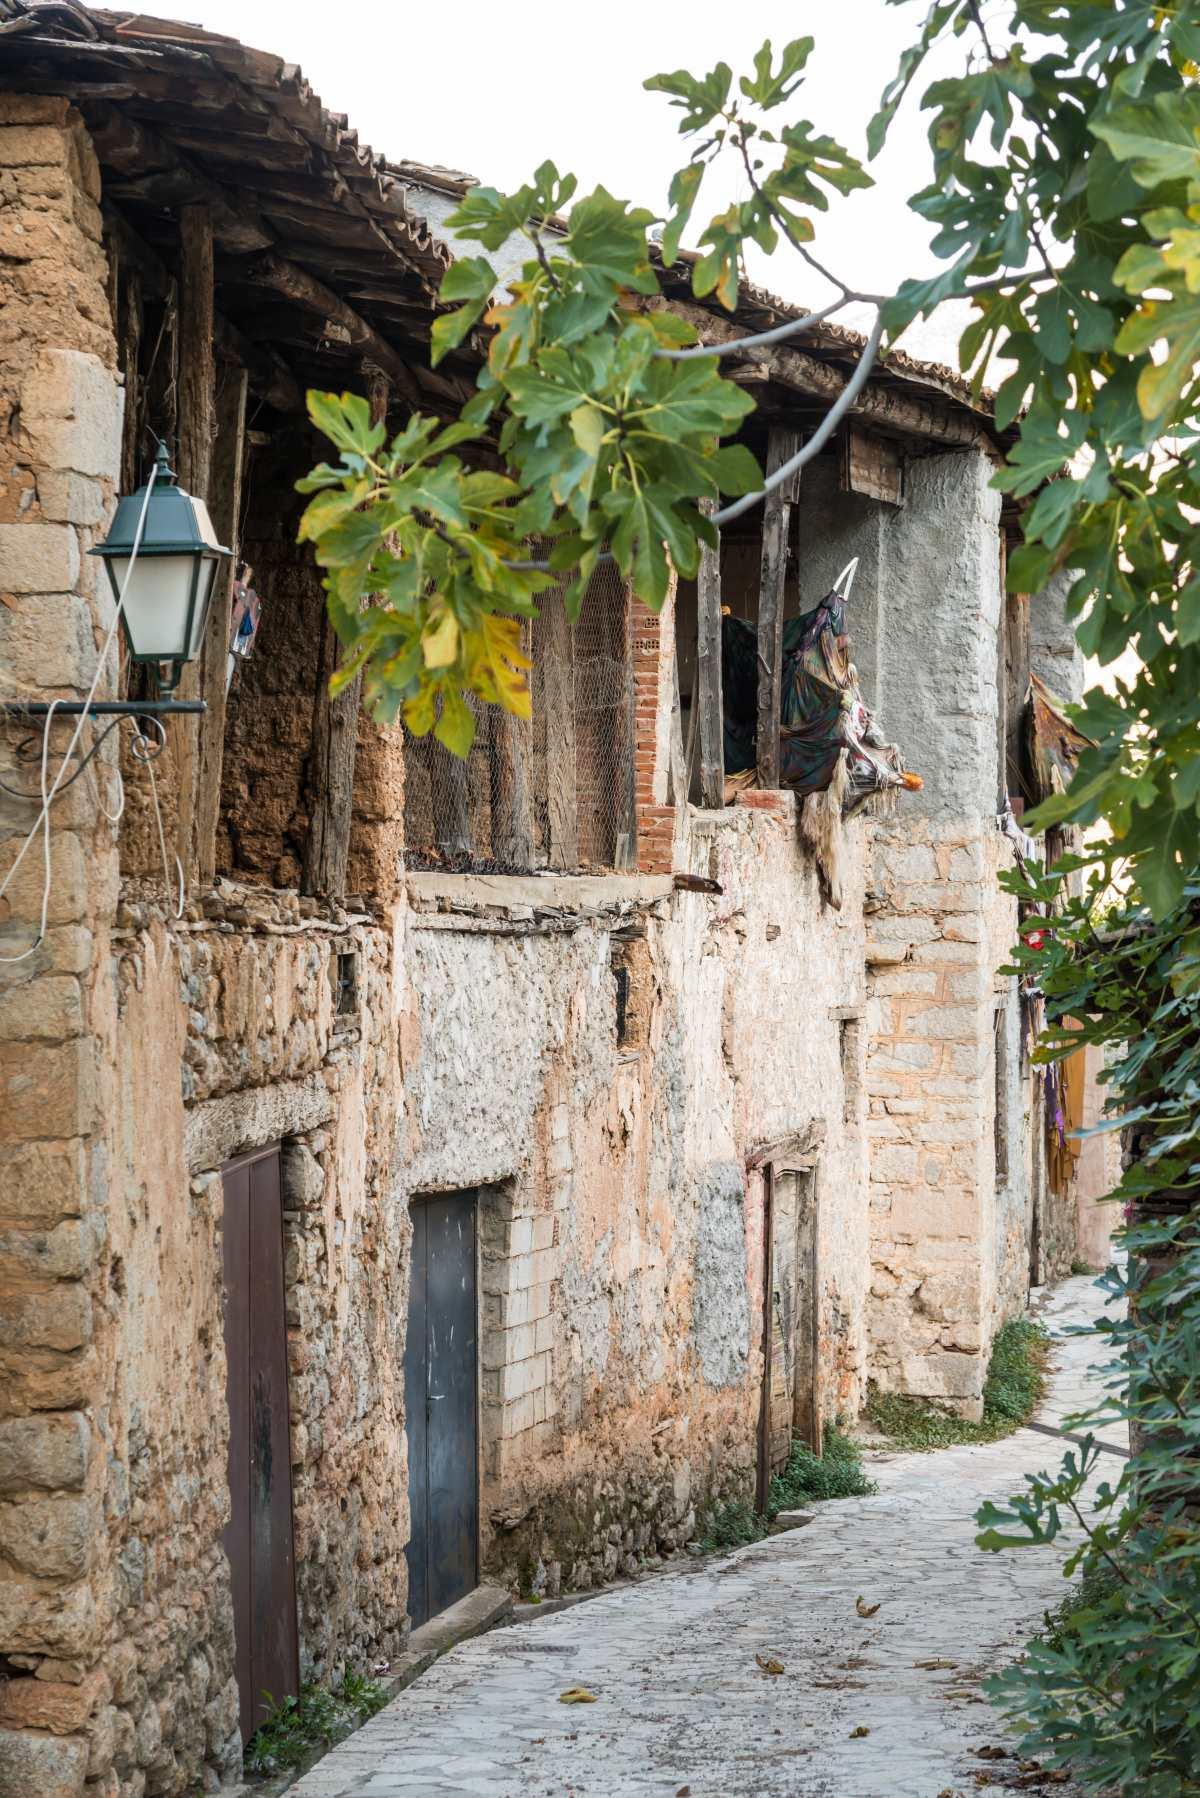 Βόλτα στην ιστορική συνοικία της Άμφισσας την Χάρμαινα